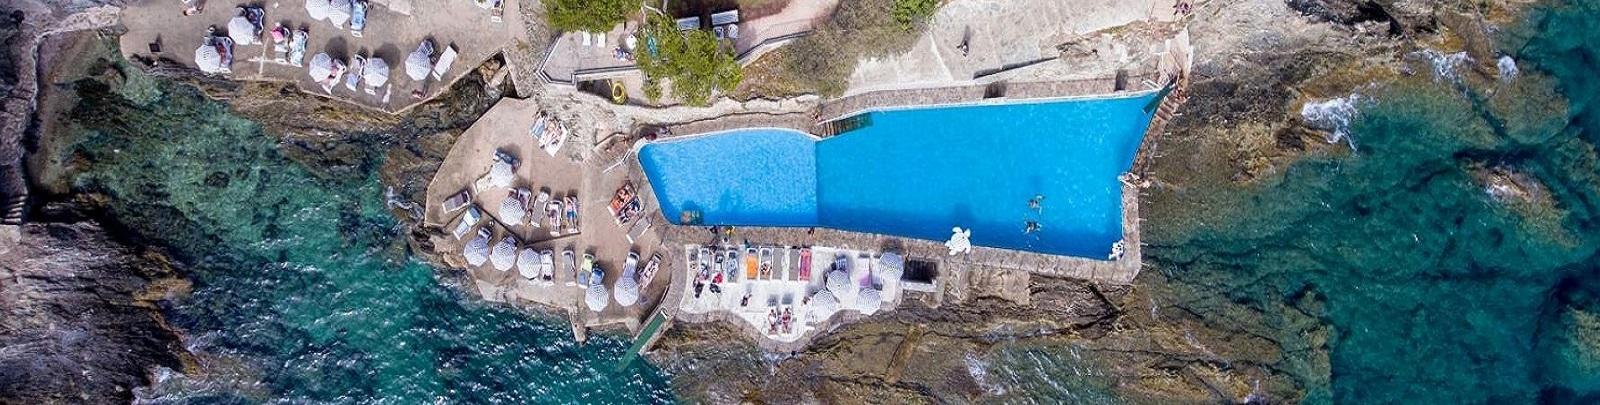 hotel-le-provencal-hyeres-toulon-sud-aerienne-seminaires-de-caractere